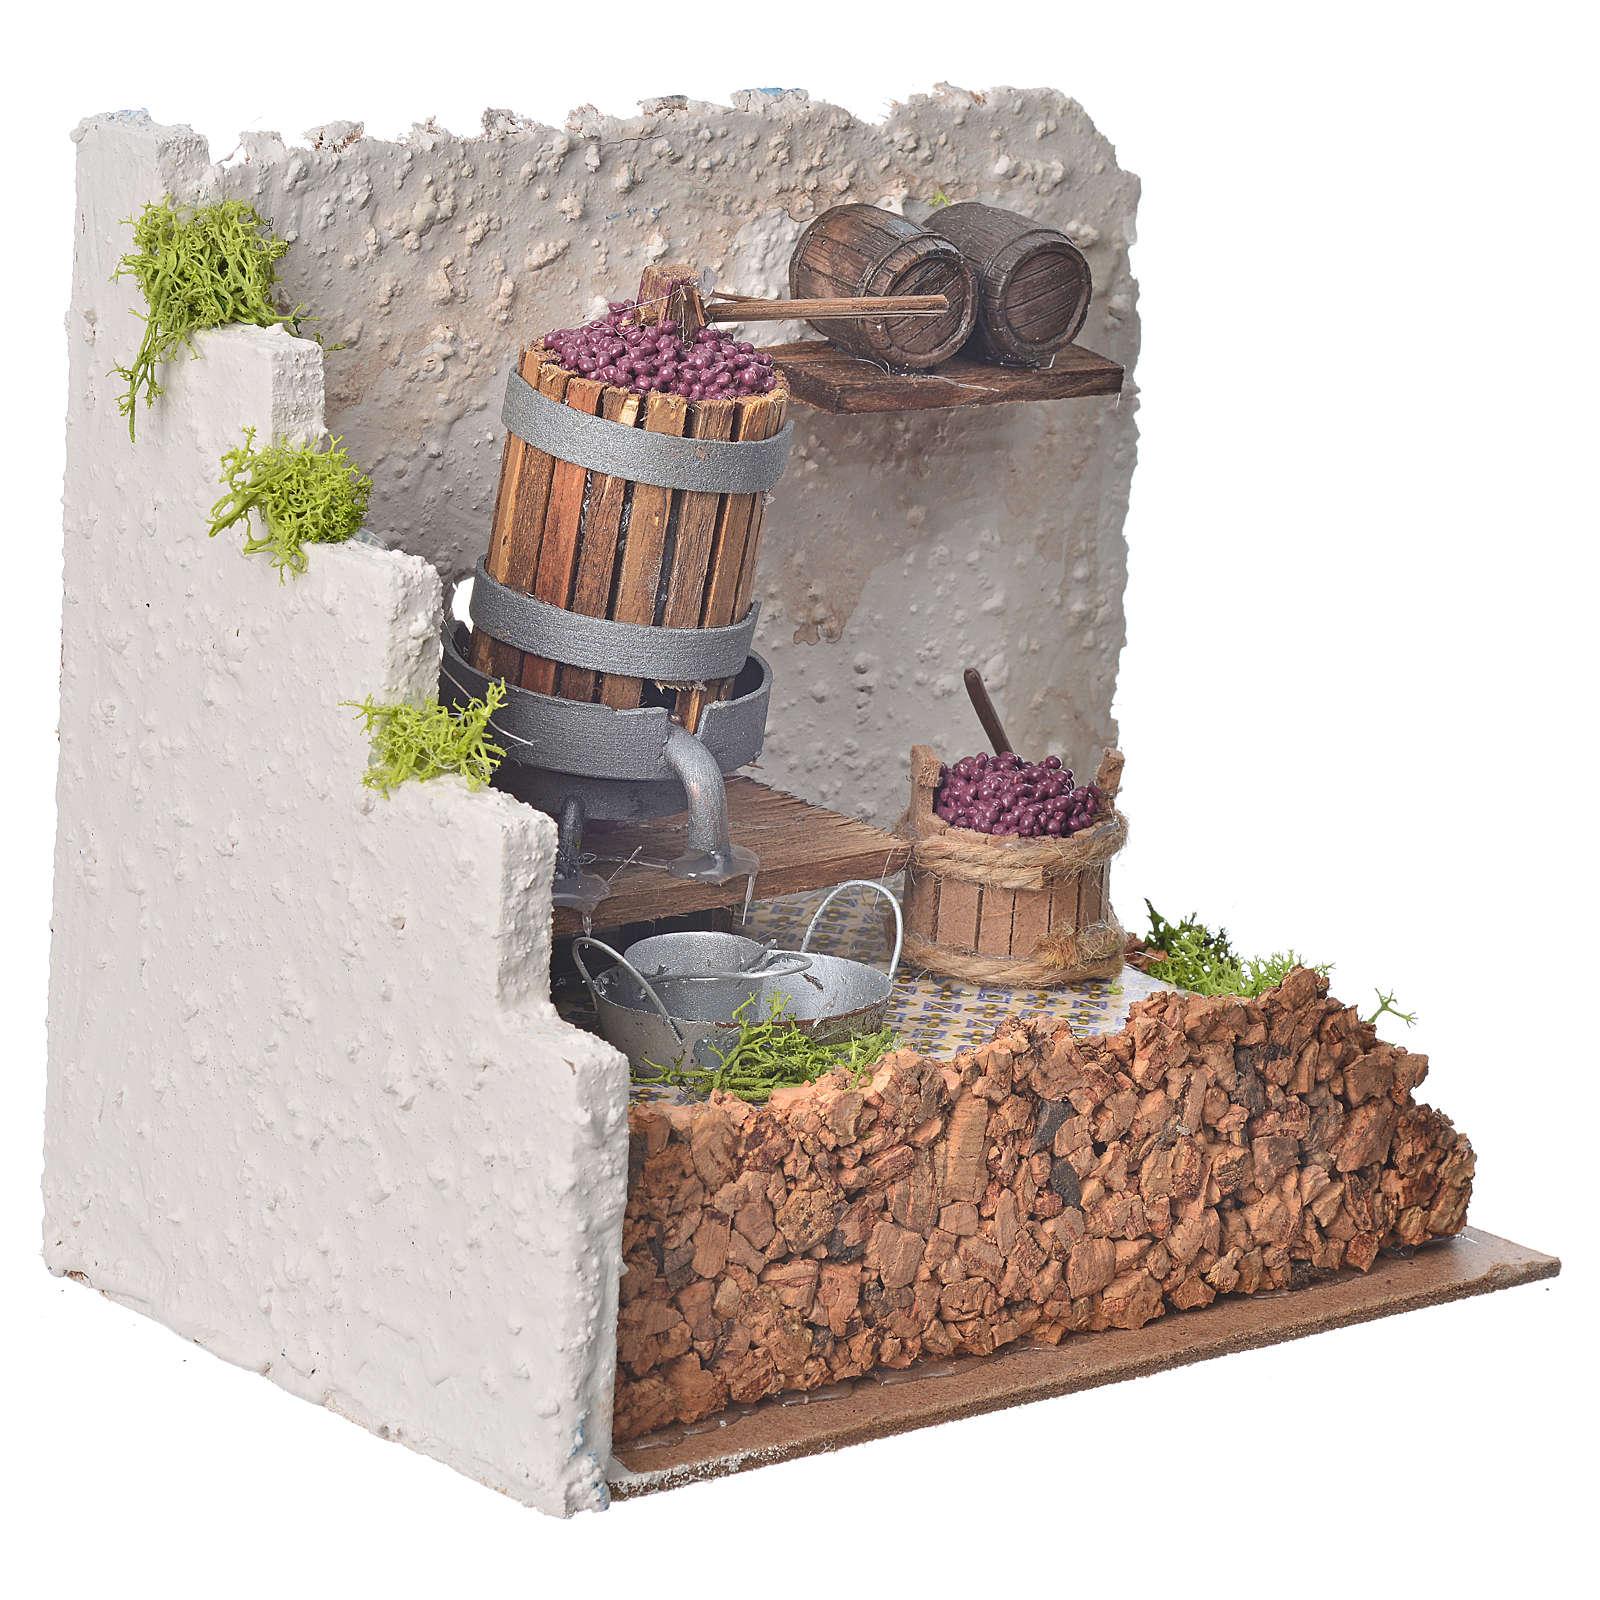 Prasa winogrona i pompa 20x14 wysokość 20 cm 4